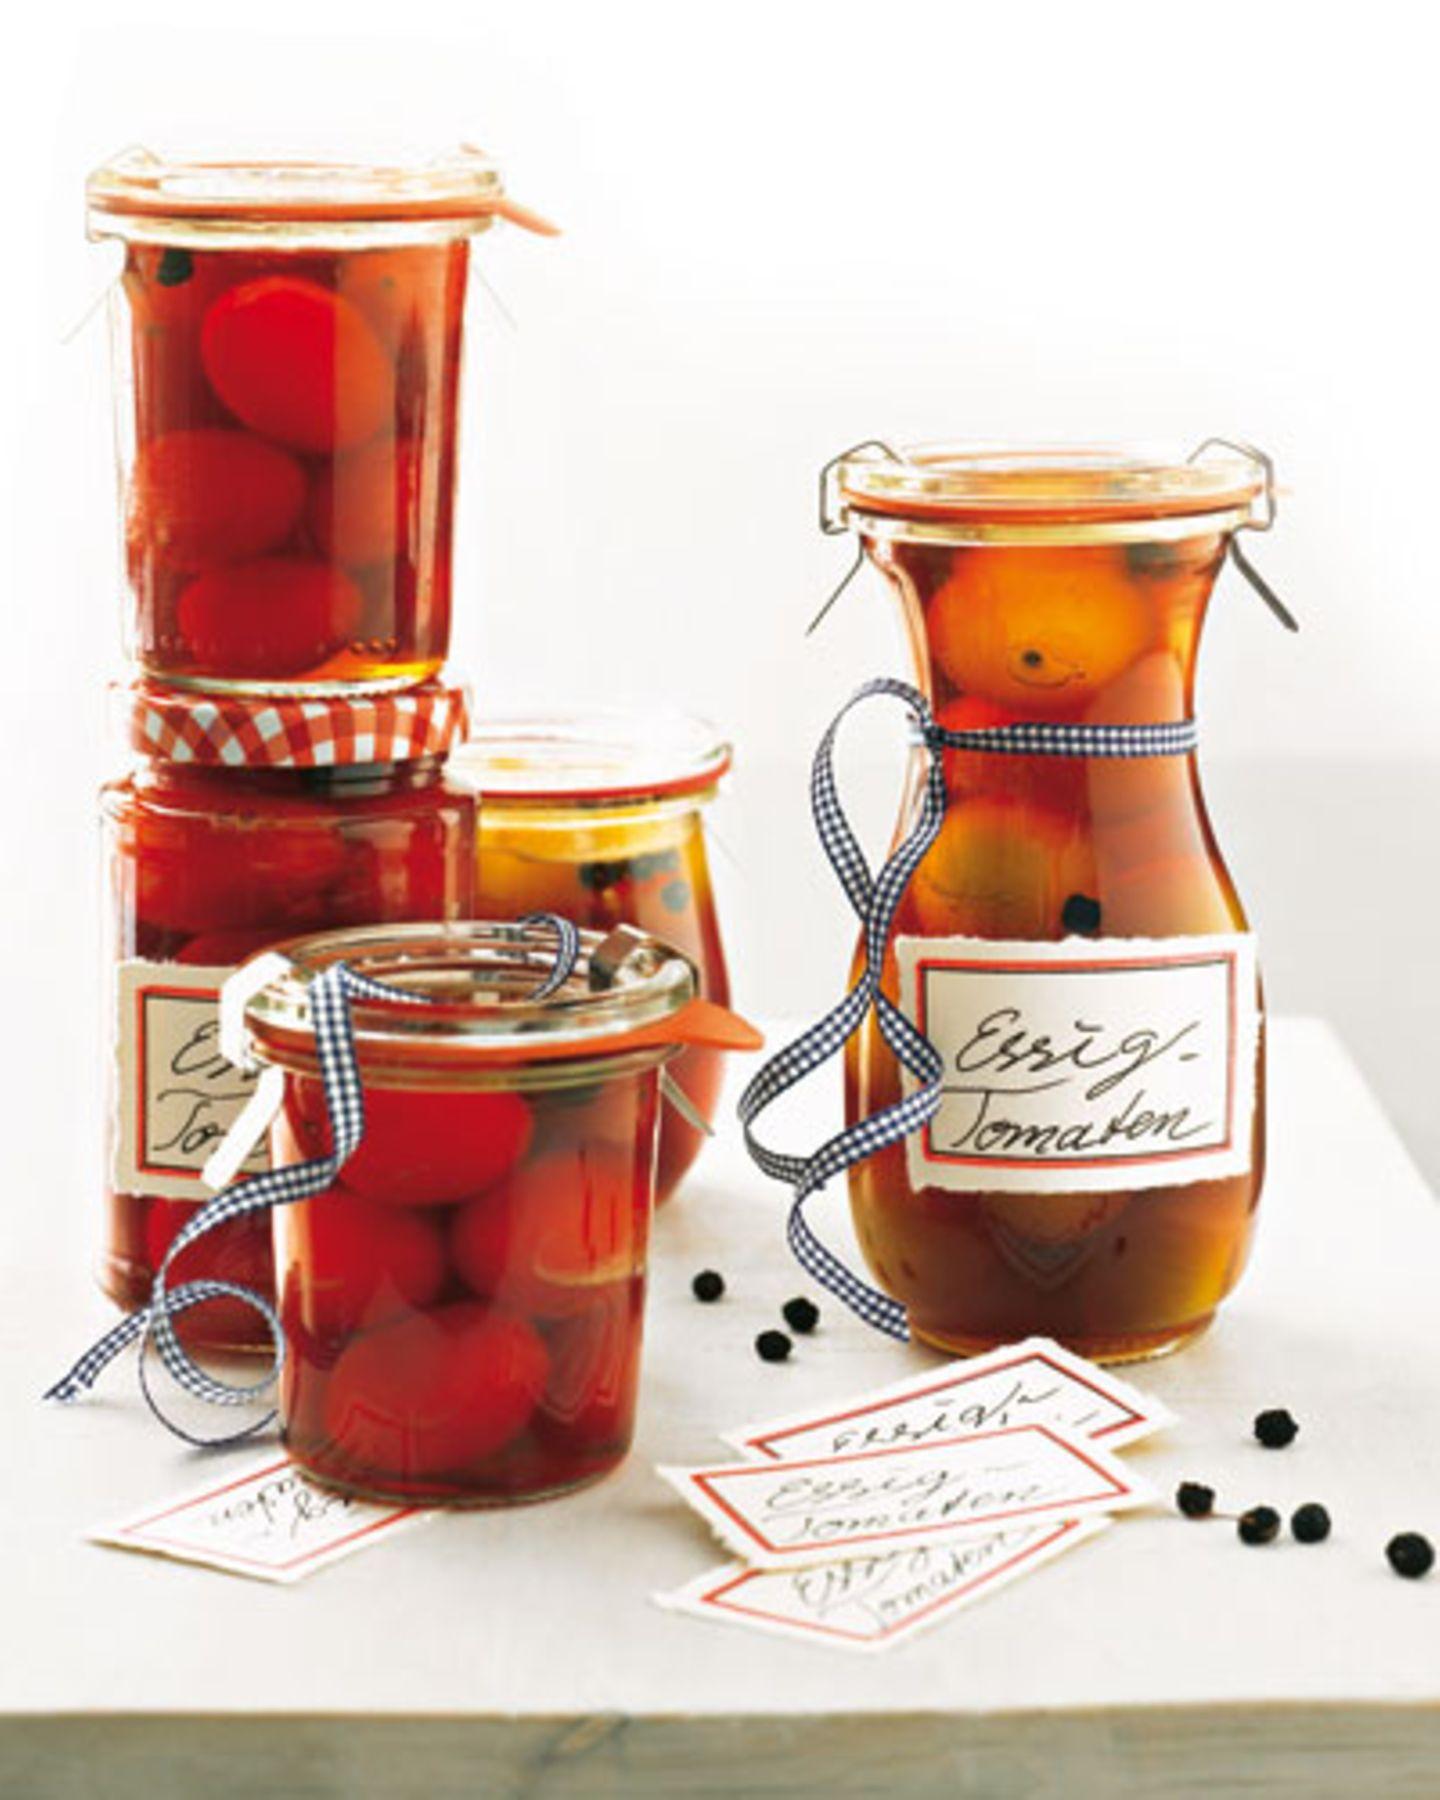 Tomaten einlegen: So geht's schnell und einfach